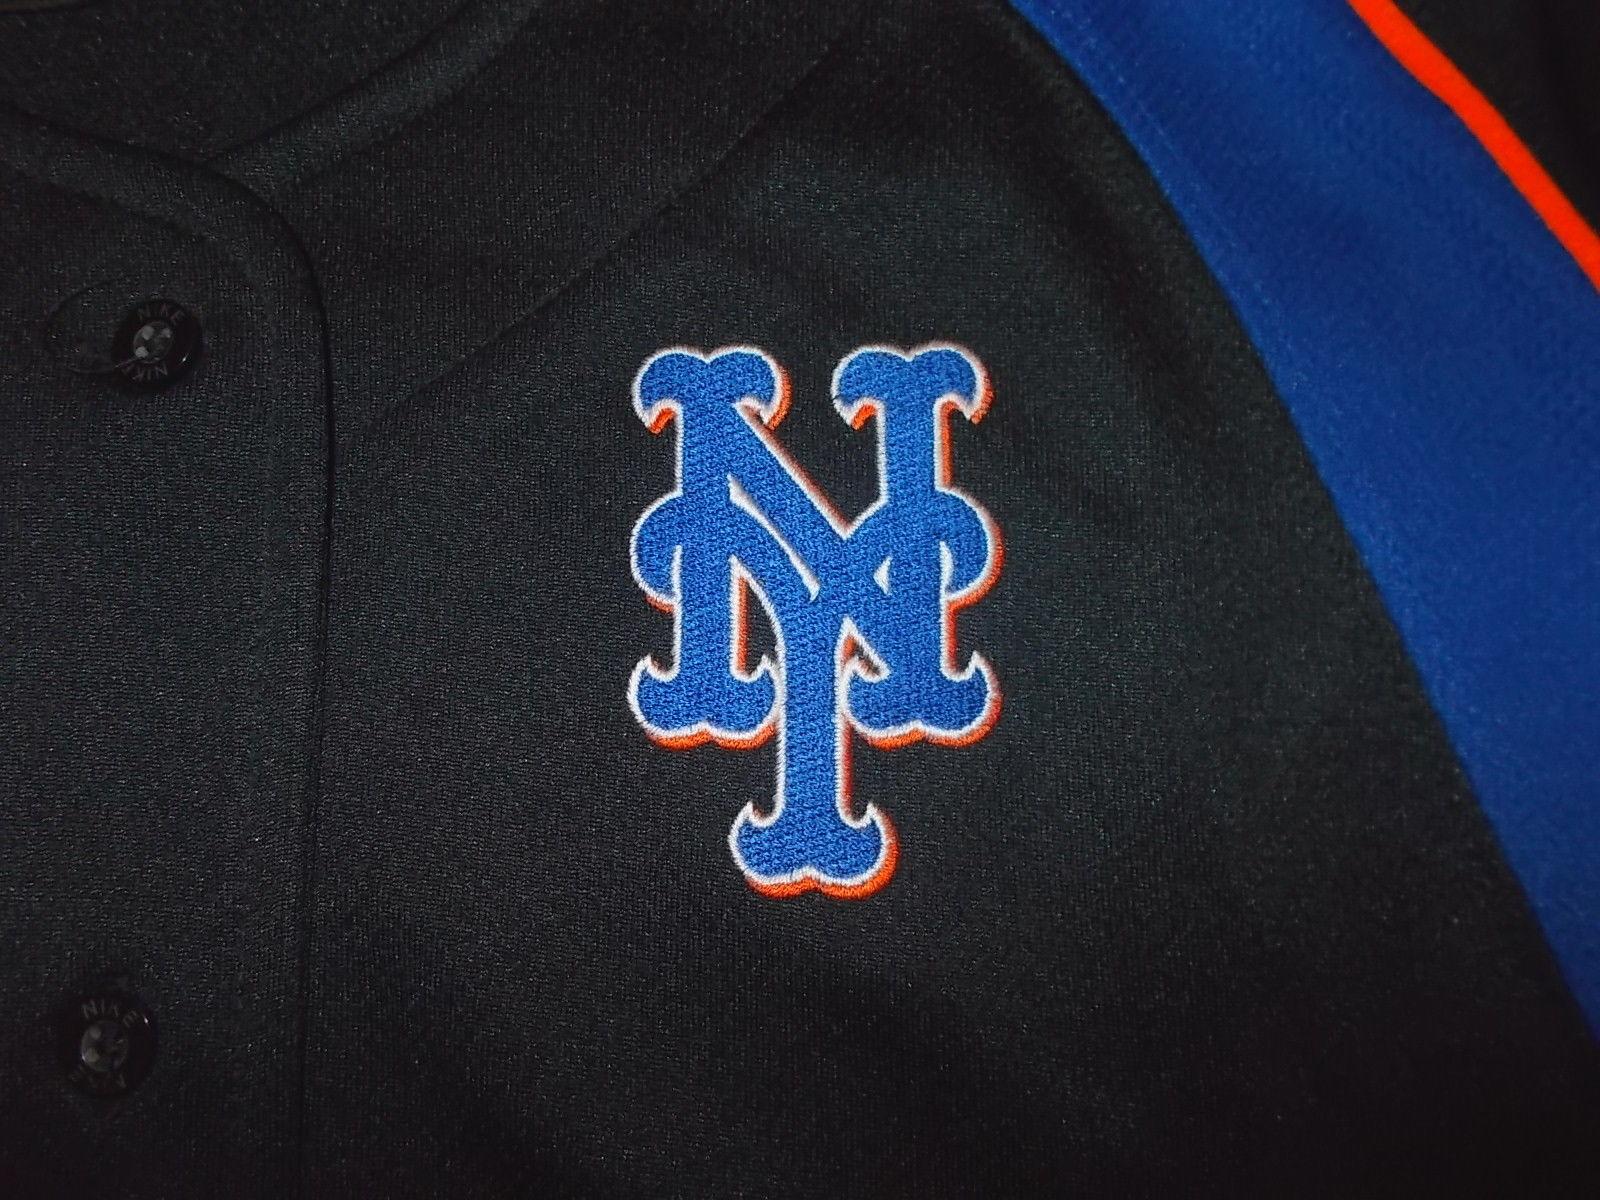 New York Mets Widescreen